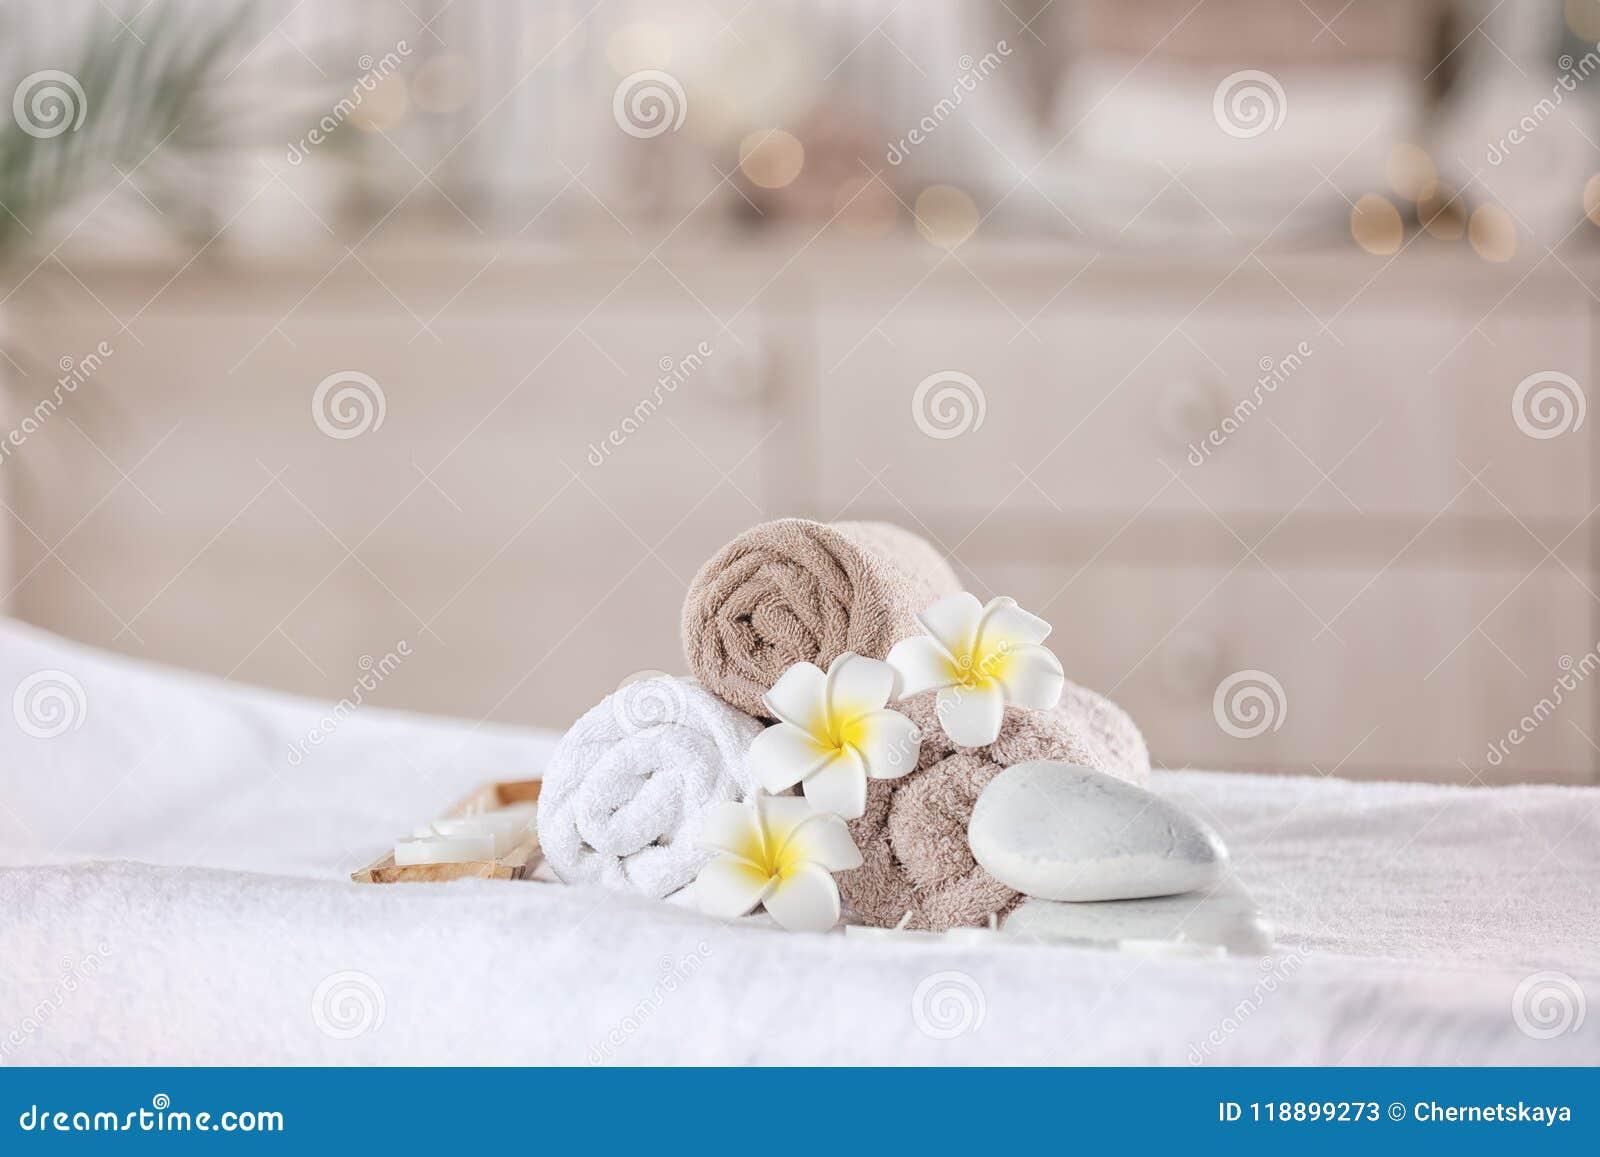 Serviettes et bougies sur la table de massage dans le salon moderne de station thermale Place pour la relaxation